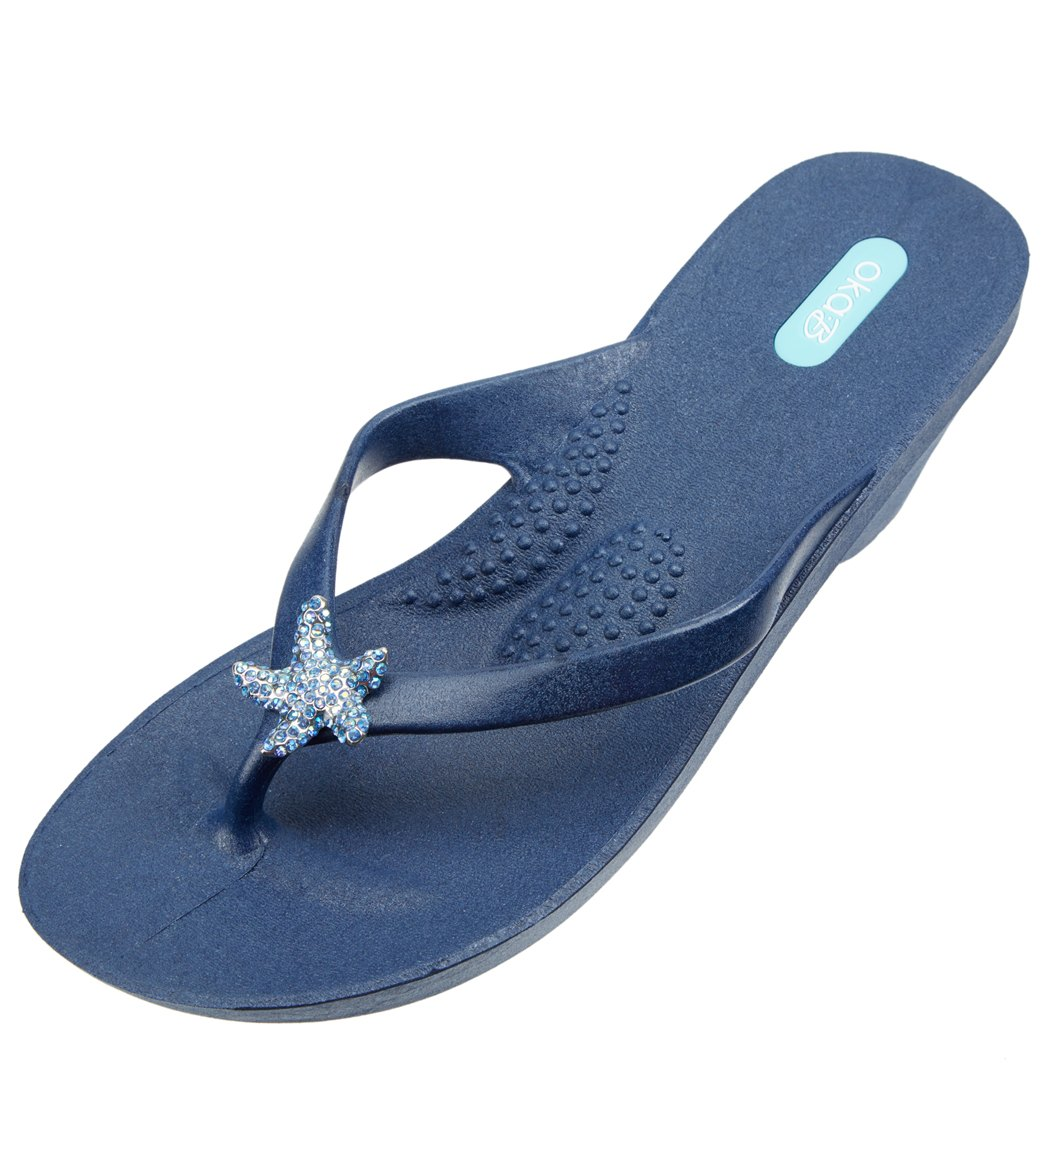 f6aef59d38af Oka-B Women s Estee Flip Flop at SwimOutlet.com